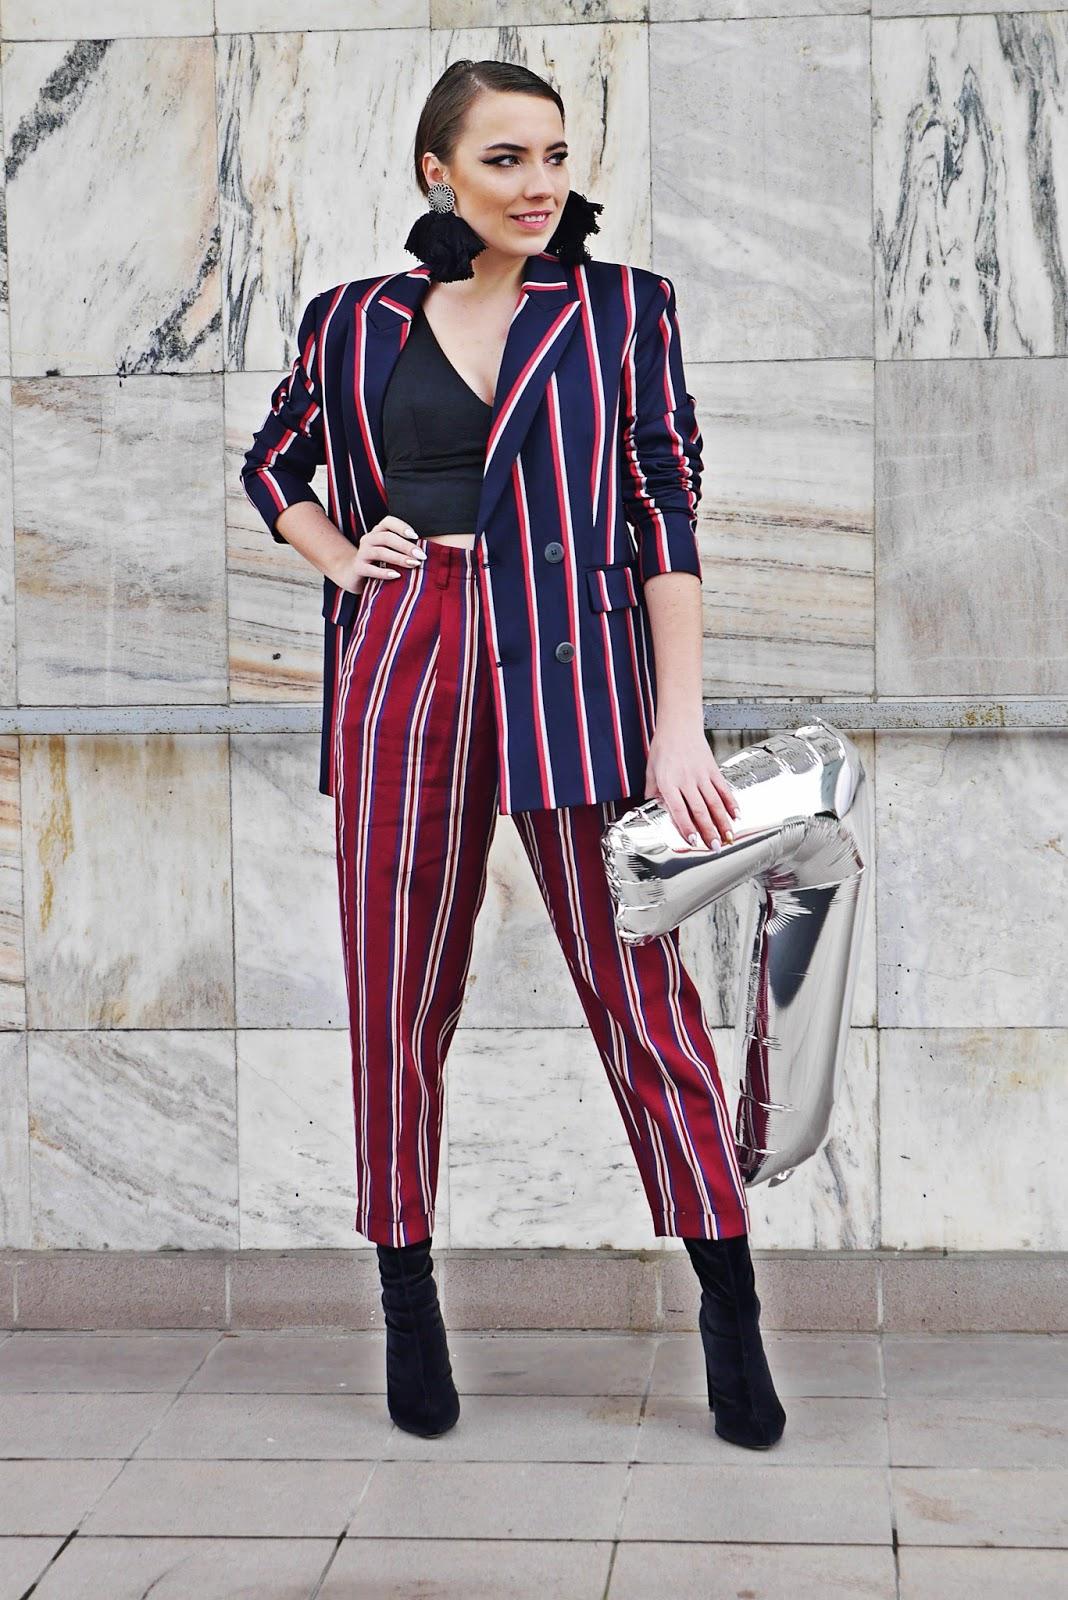 7 urodziny answear.com answear marynarka w paski spodnie w paski mango skarpetkowe botki blog modowy karyn fashion blog